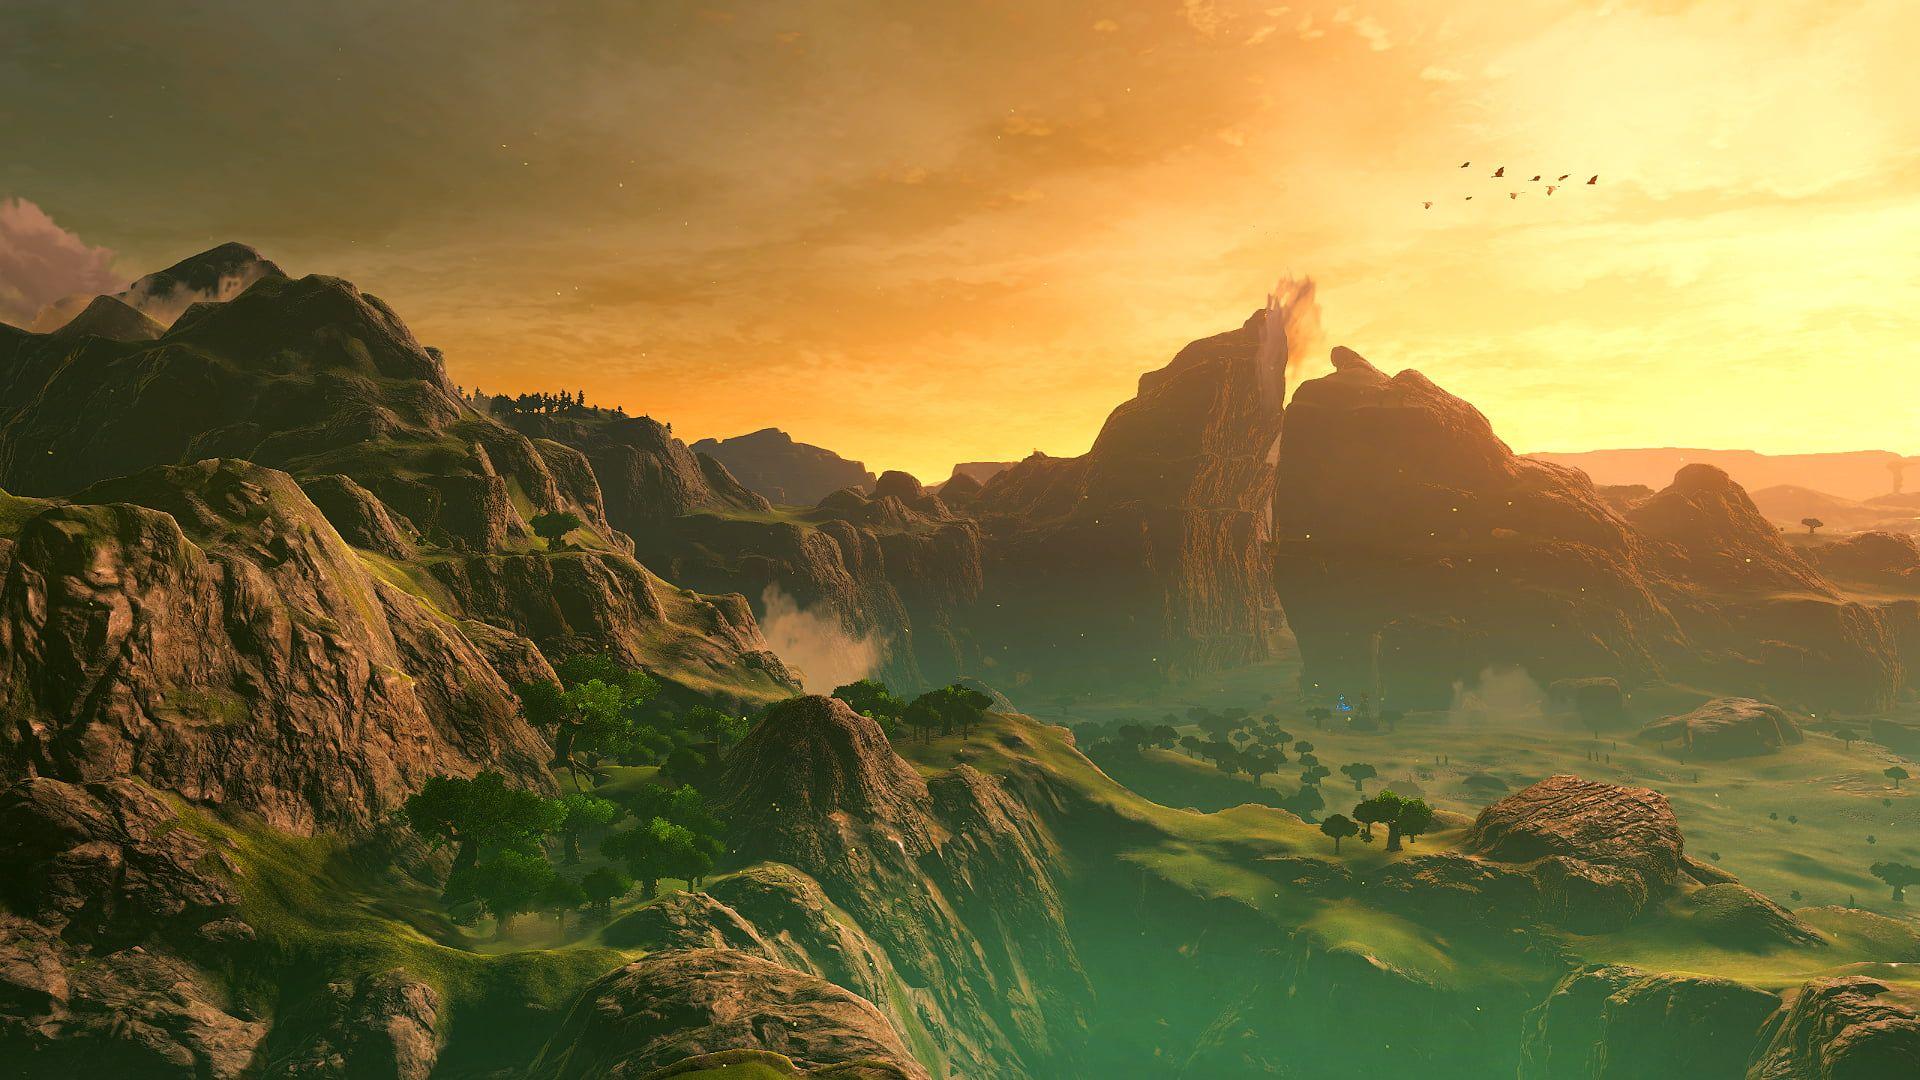 The Legend Of Zelda The Legend Of Zelda Breath Of The Wild Mountains Dusk Trees Birds Sky Clouds Landsc In 2020 Breath Of The Wild Legend Of Zelda Hd Wallpaper